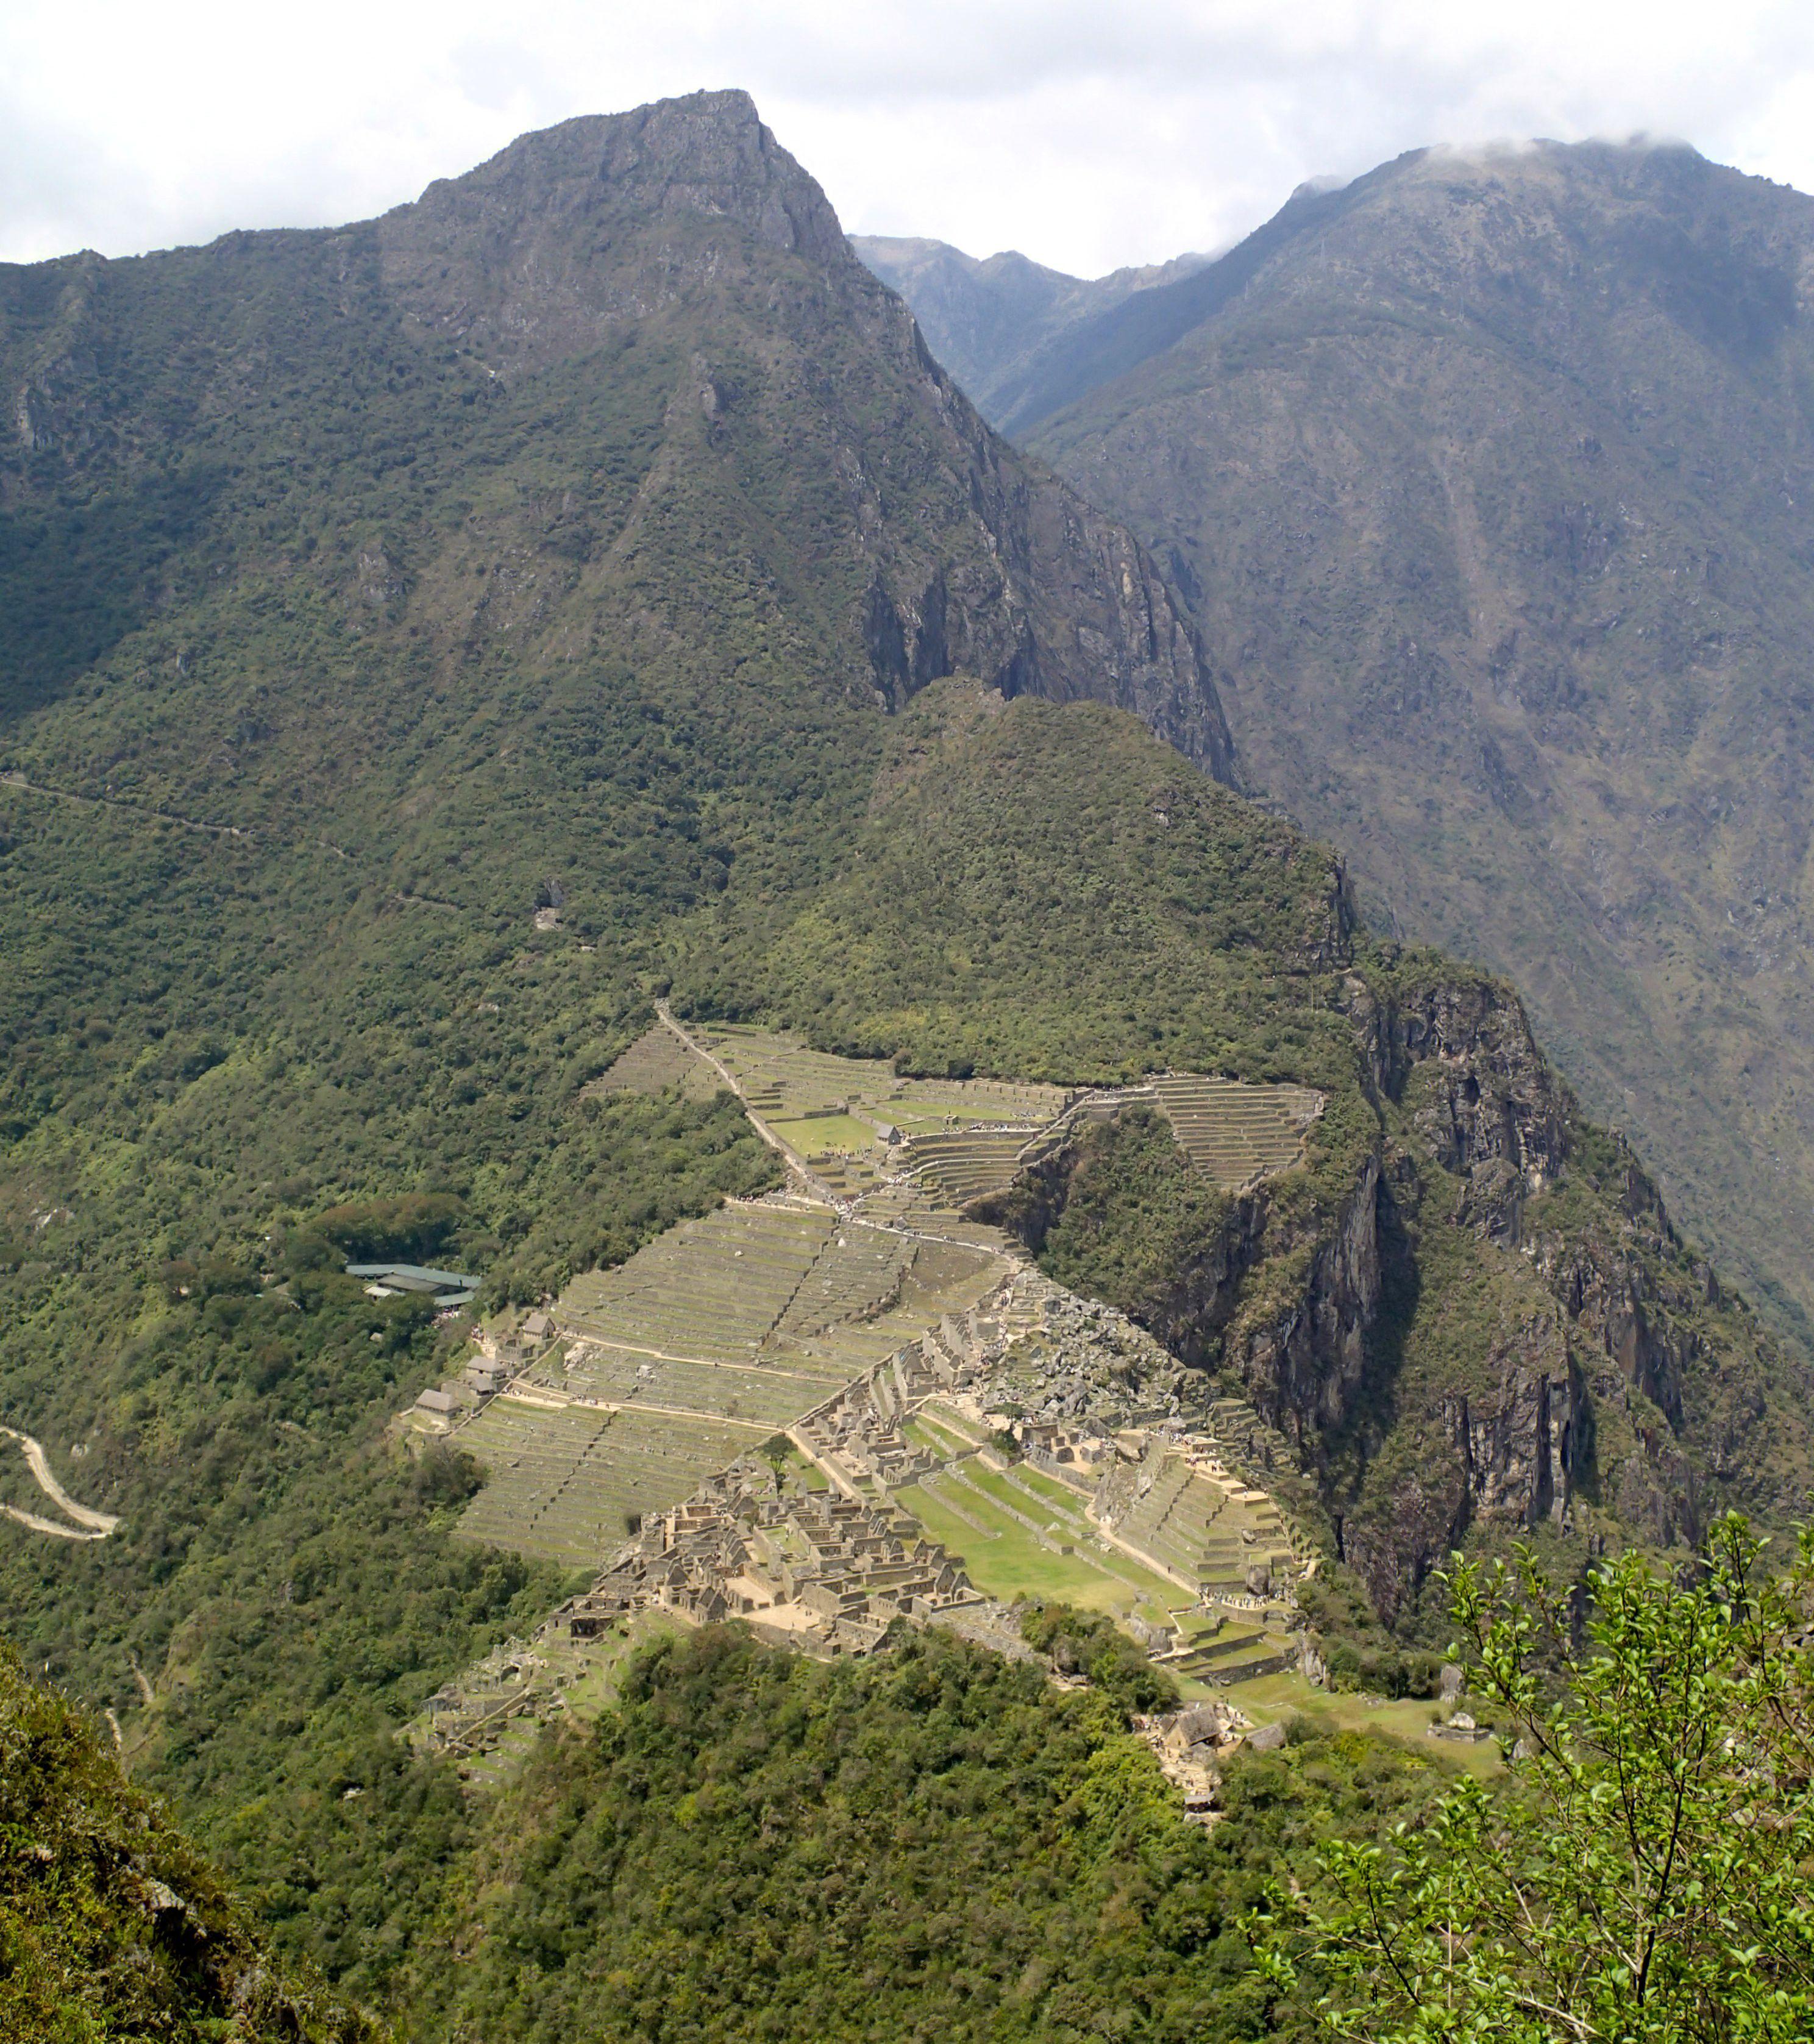 View_of_Machu_Picchu_from_Huayna_Picchu